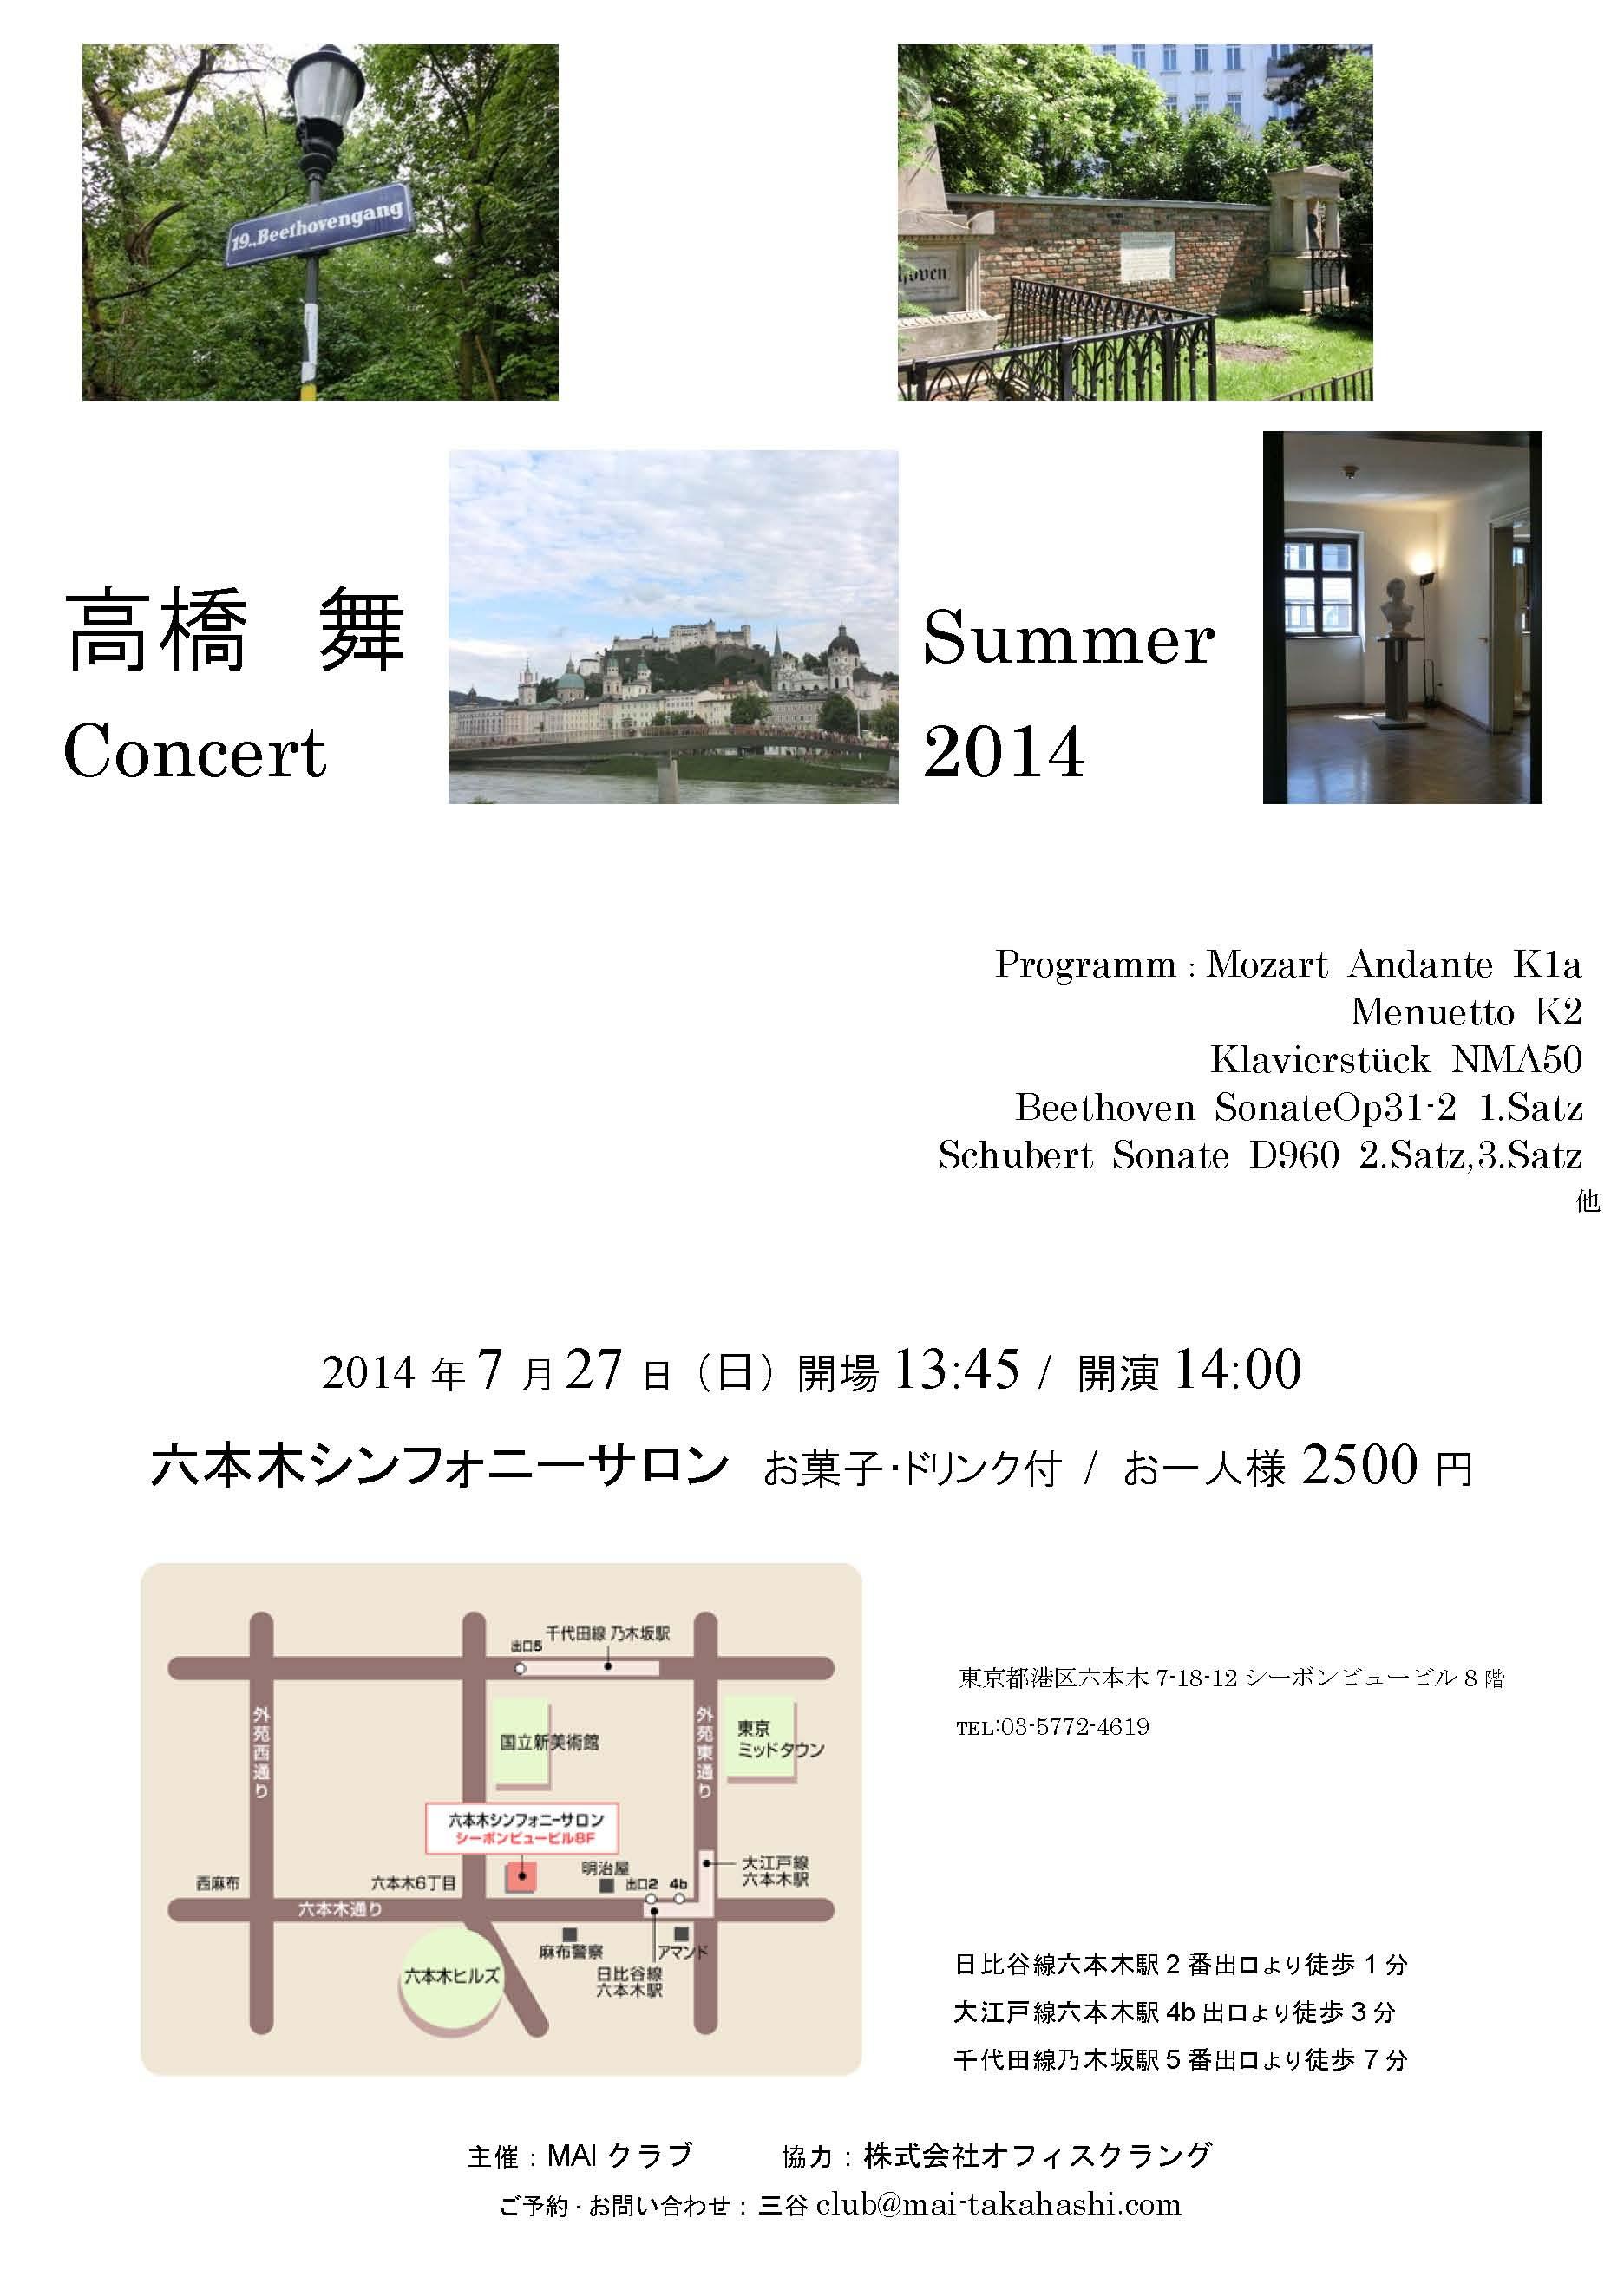 高橋舞Summer Concert 2014のご案内_f0178060_2021990.jpg